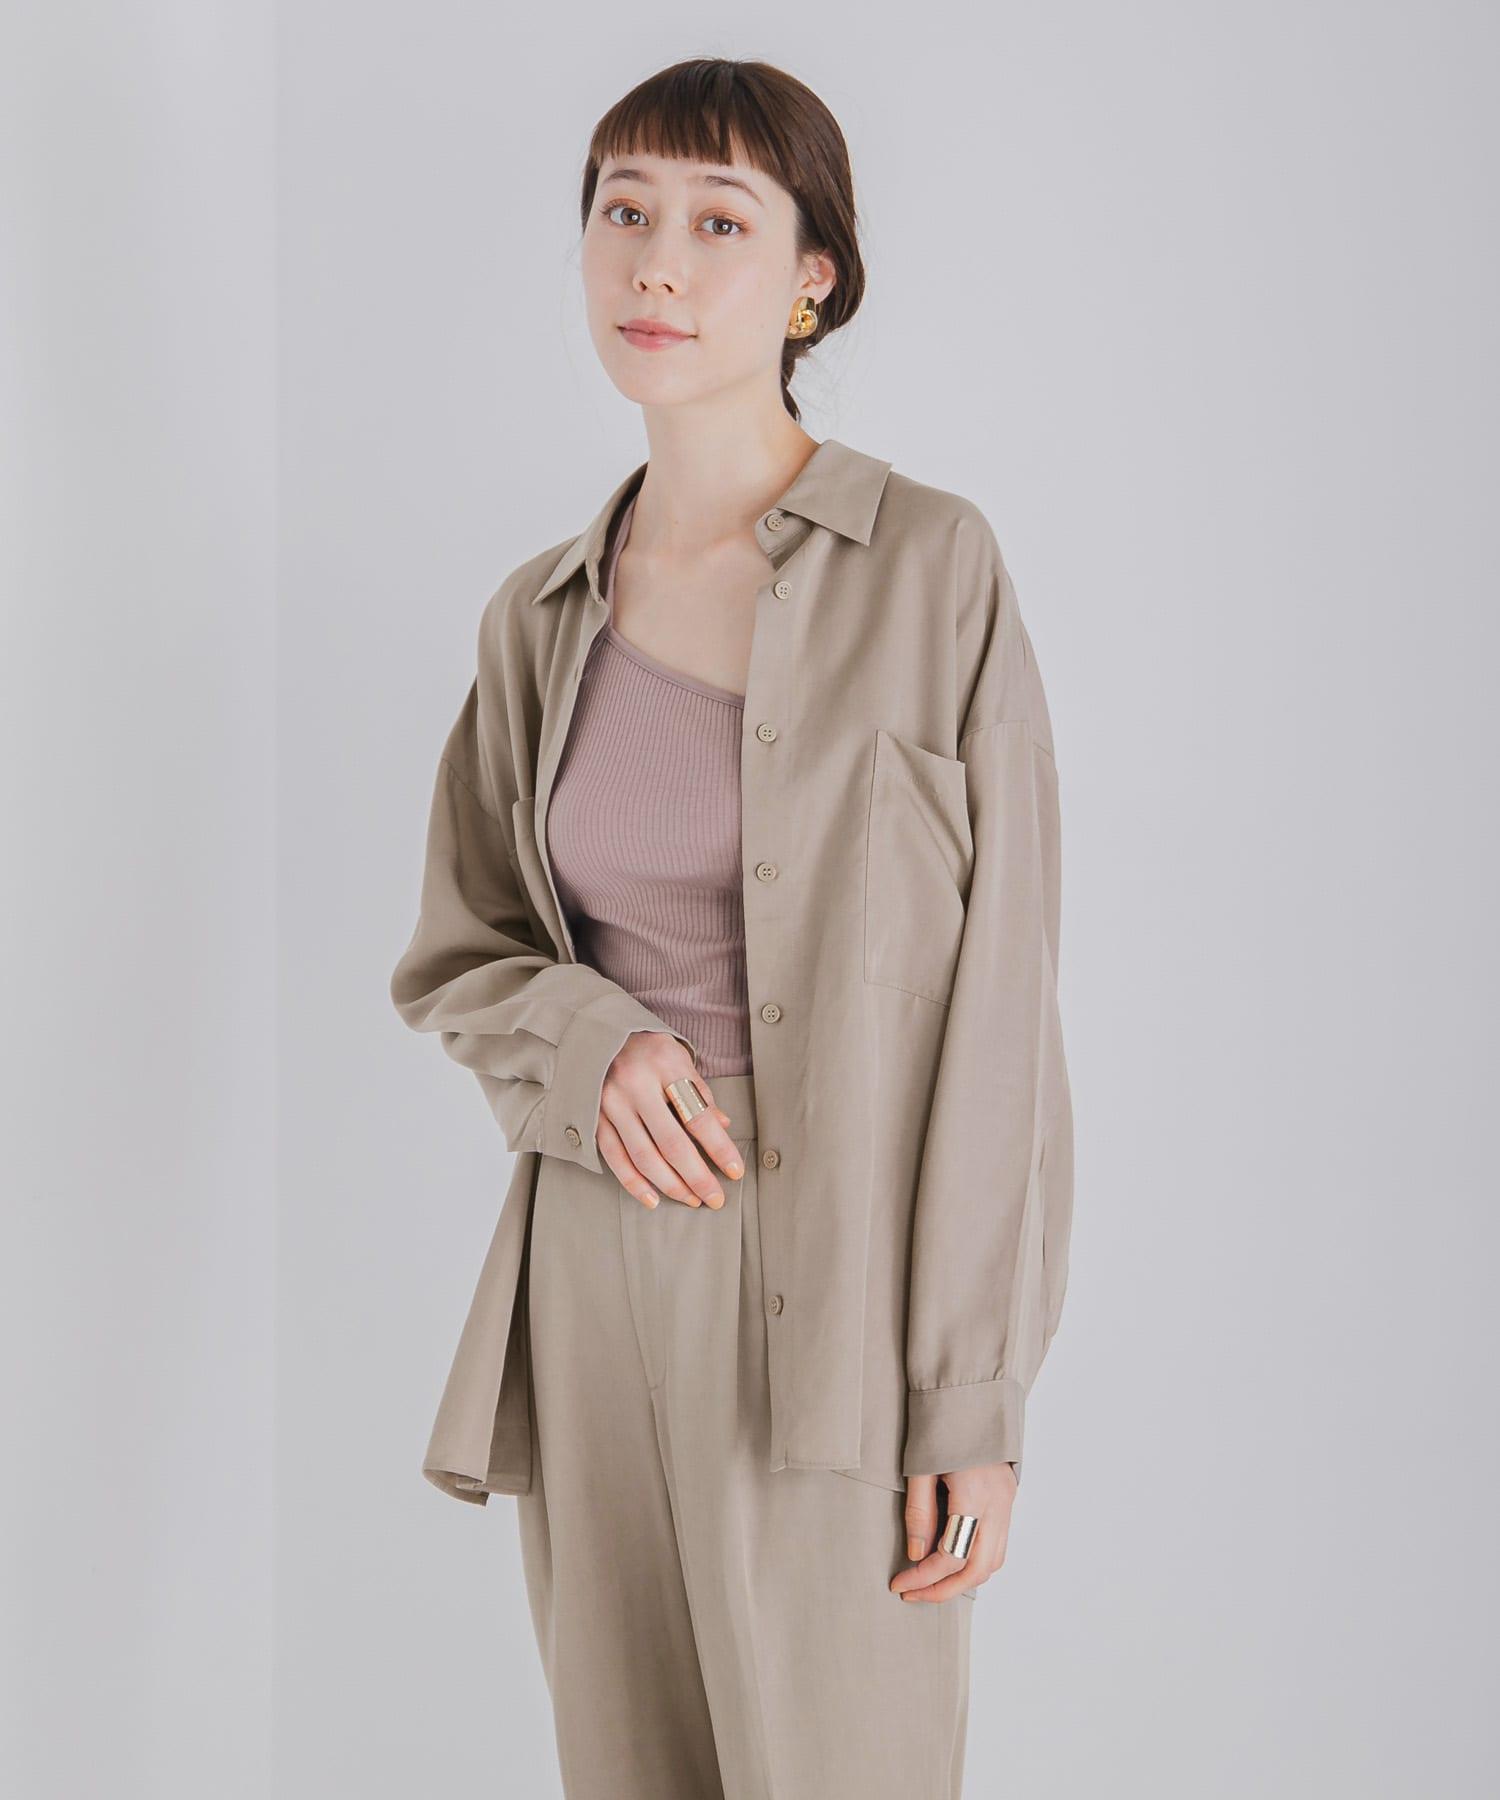 レディースファッション通販テンセル(TM)リヨセル バックスリットシャツ